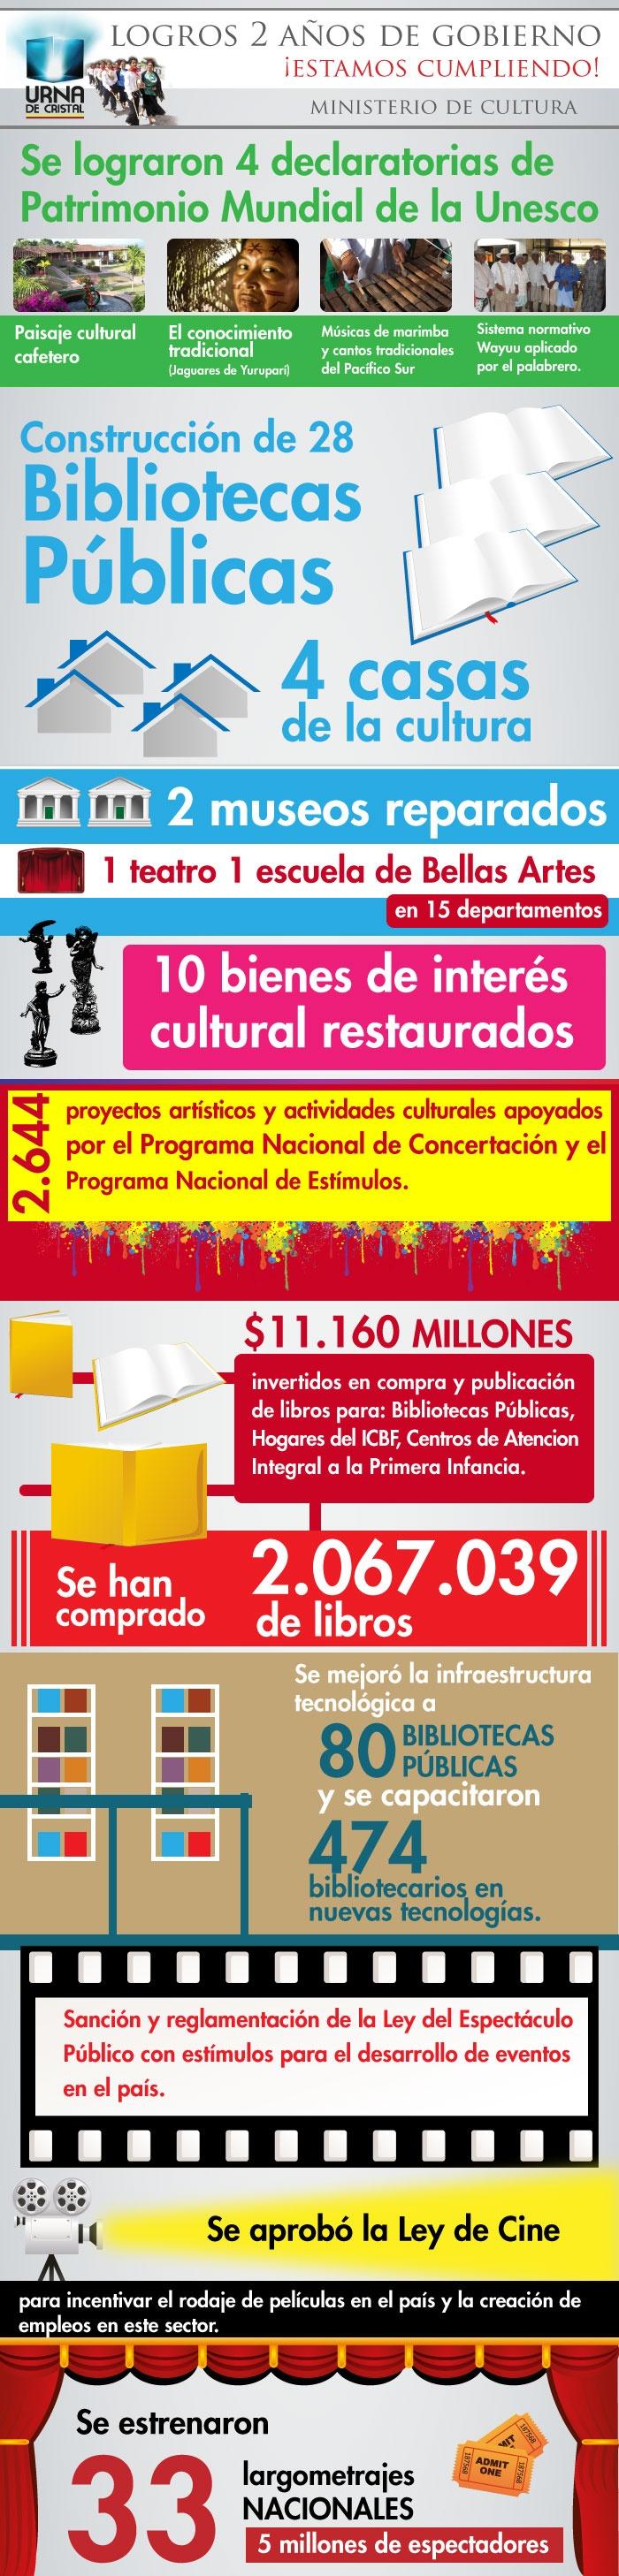 Infografía realizada por Urna de Cristal para presentar los logros 2010-2012 de MinCultura.